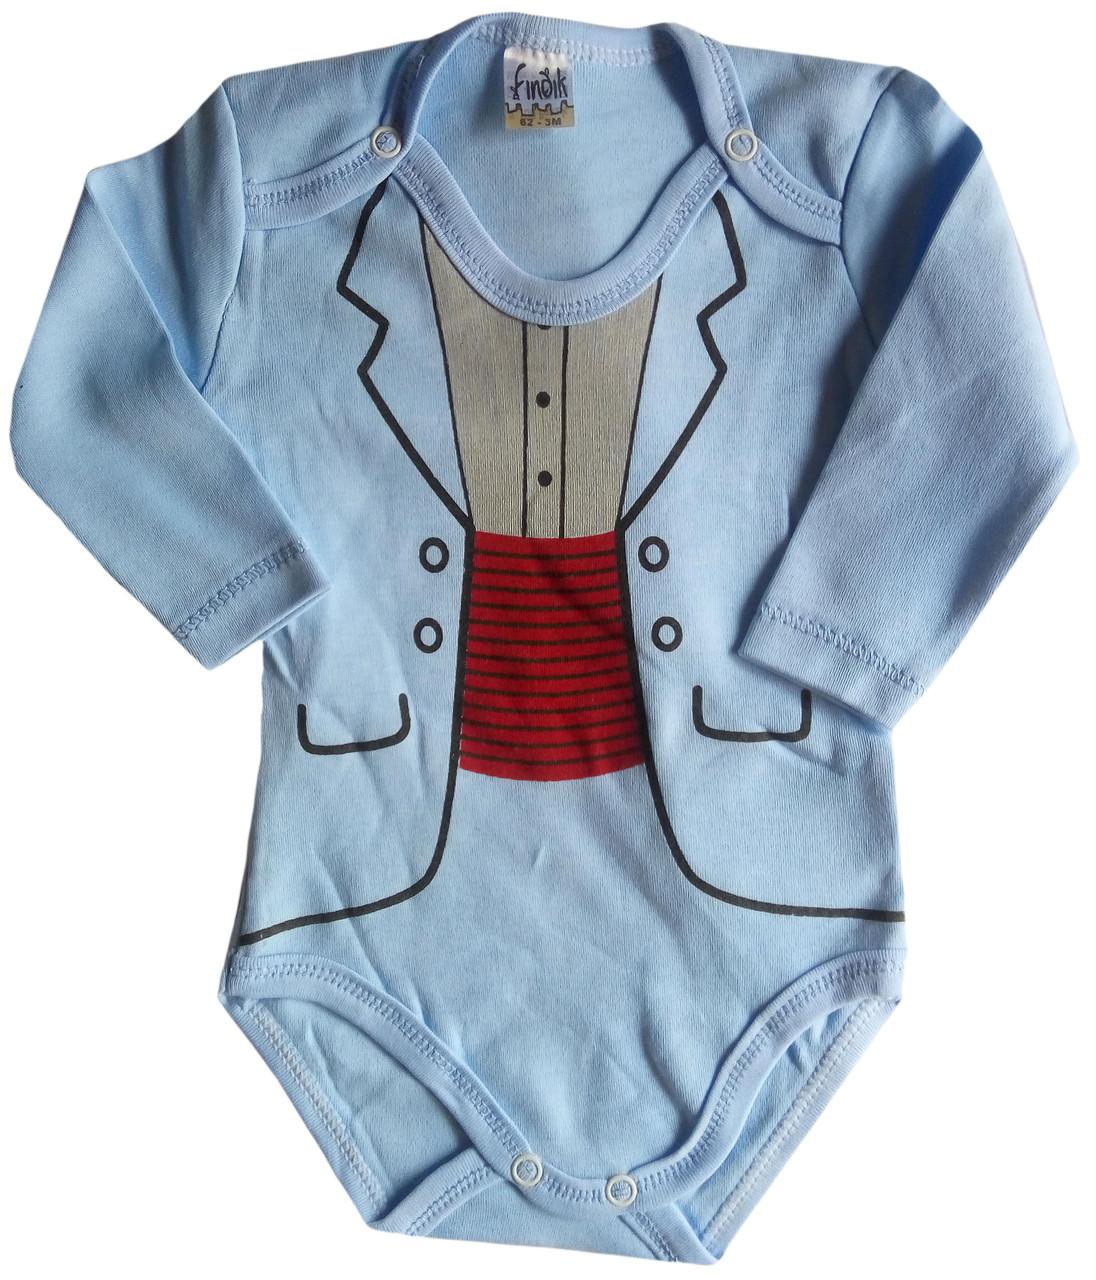 Детские Боди для новорожденных, с длинным рукавом, голубой, 3-6-9-12-18 мес, интерлок, Турция, оптом